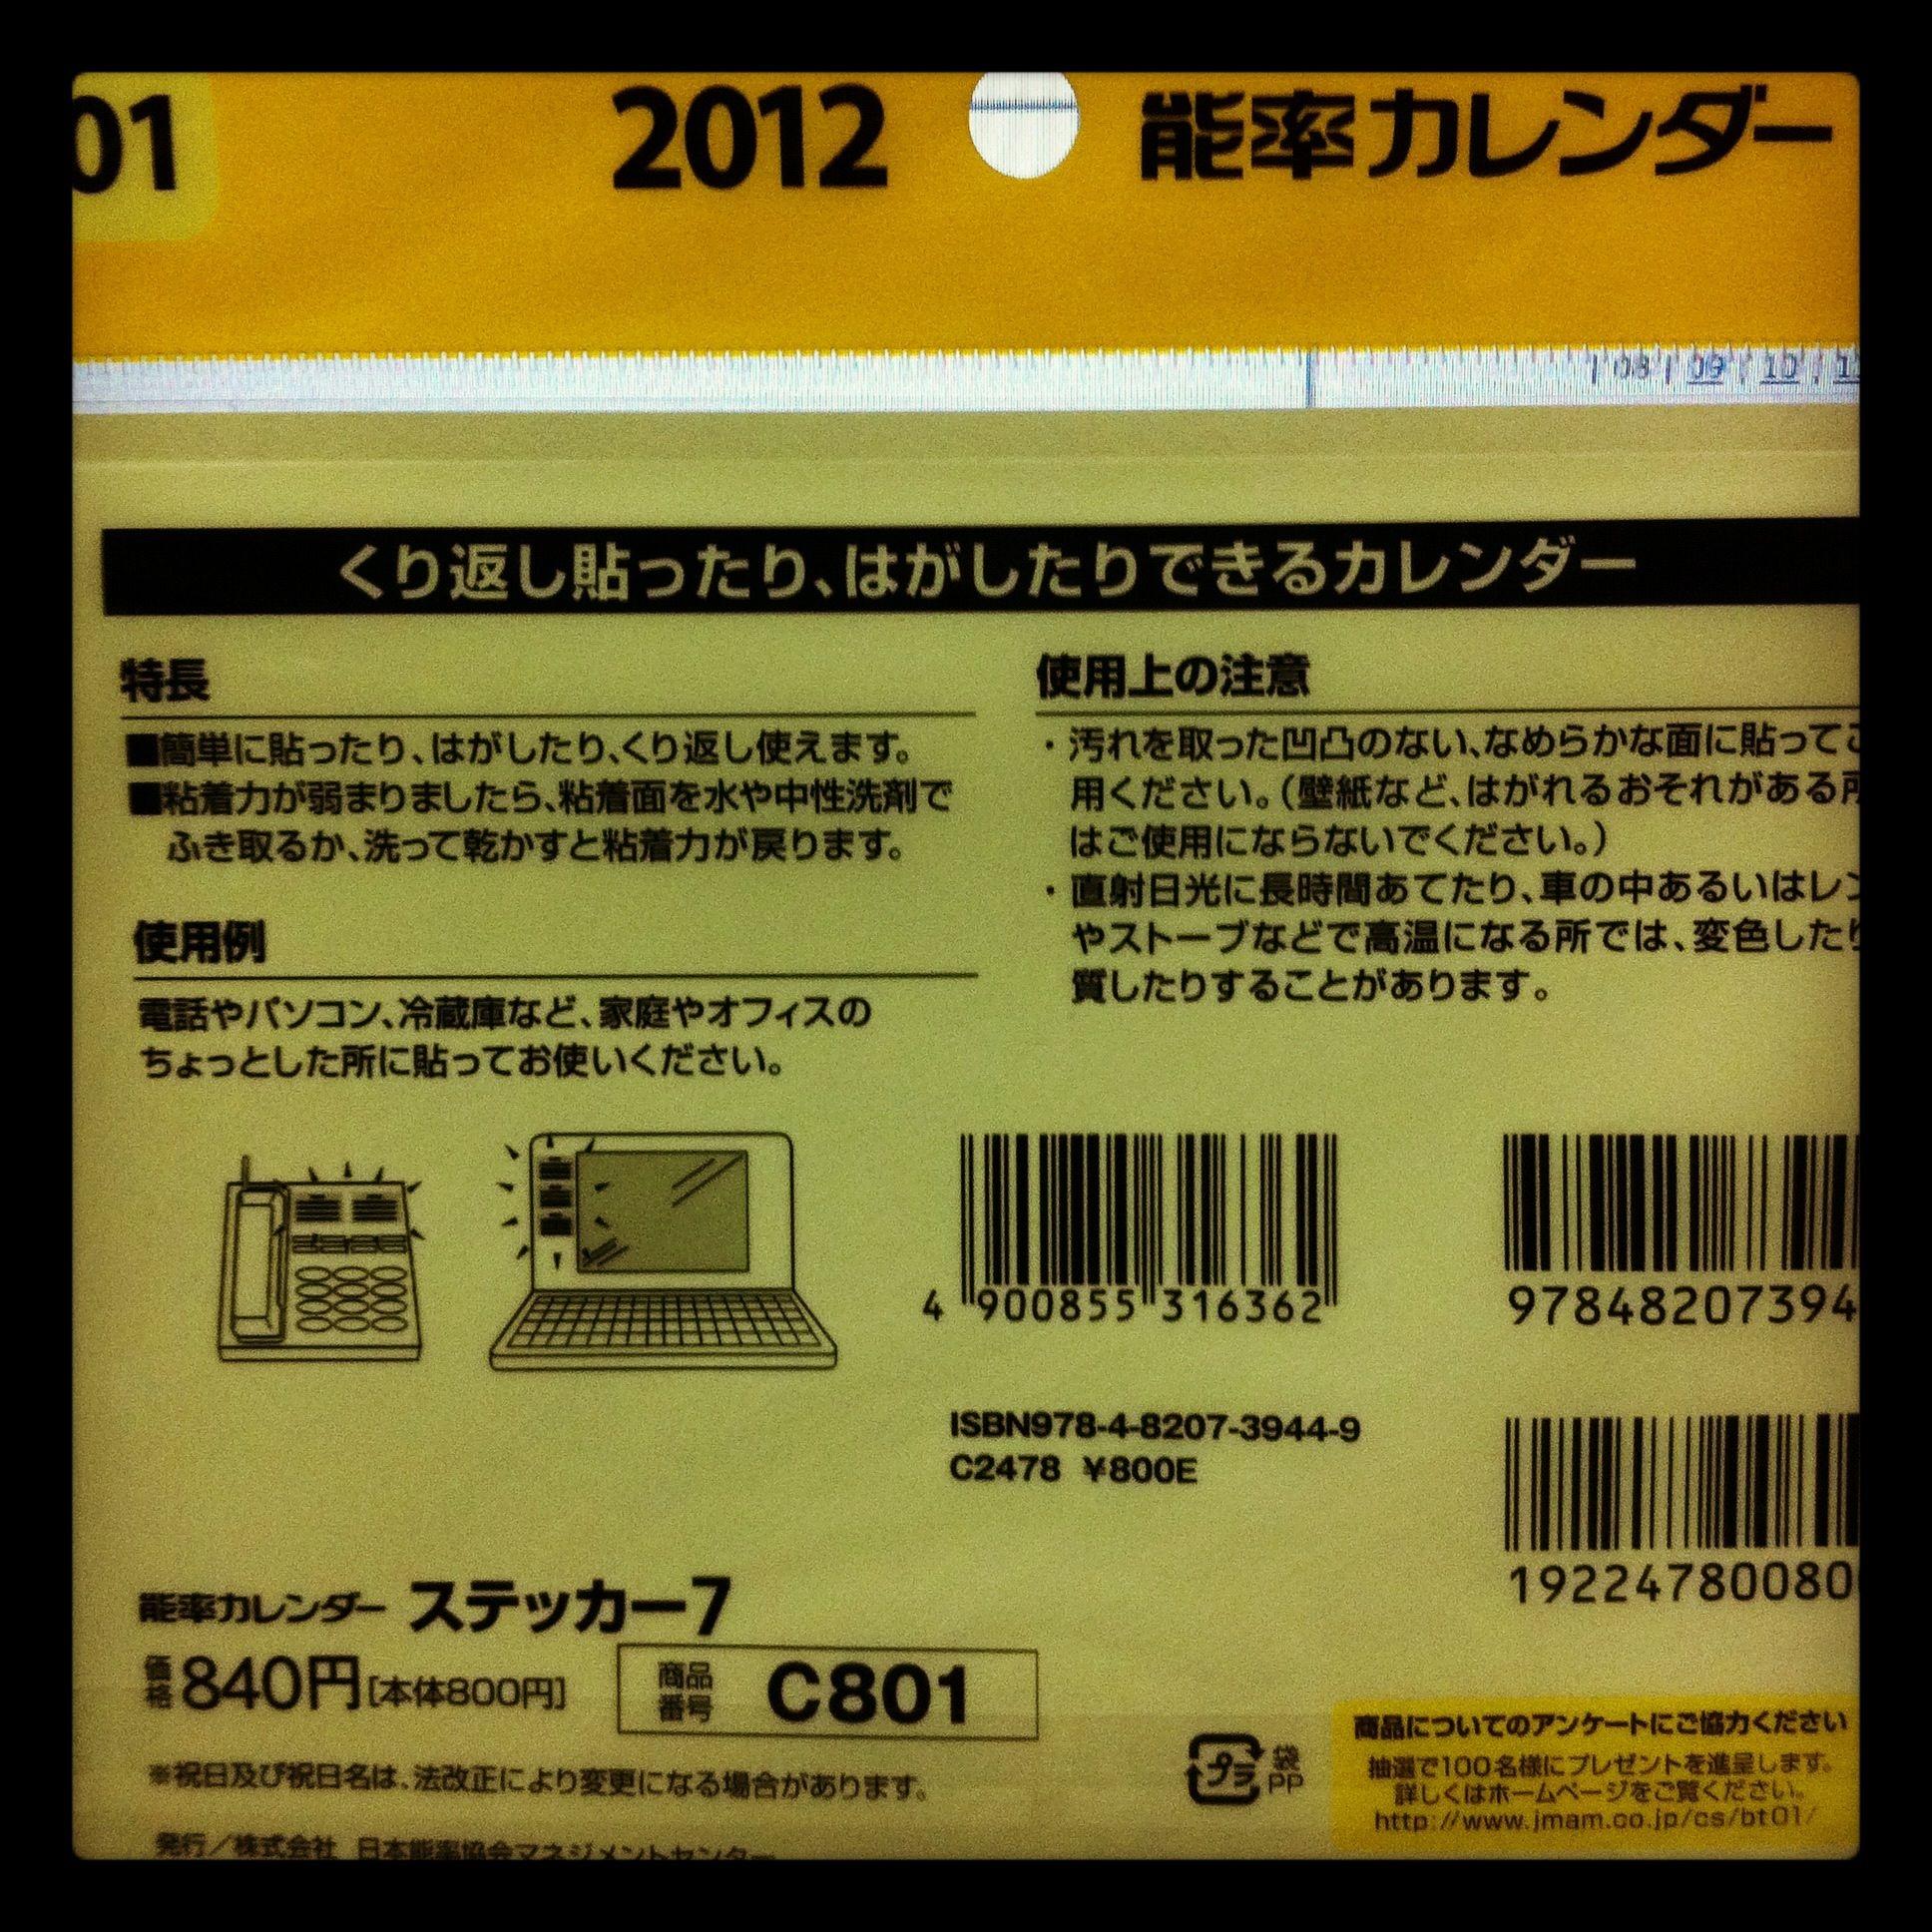 f:id:norikoeru:20111208002120j:image:w240